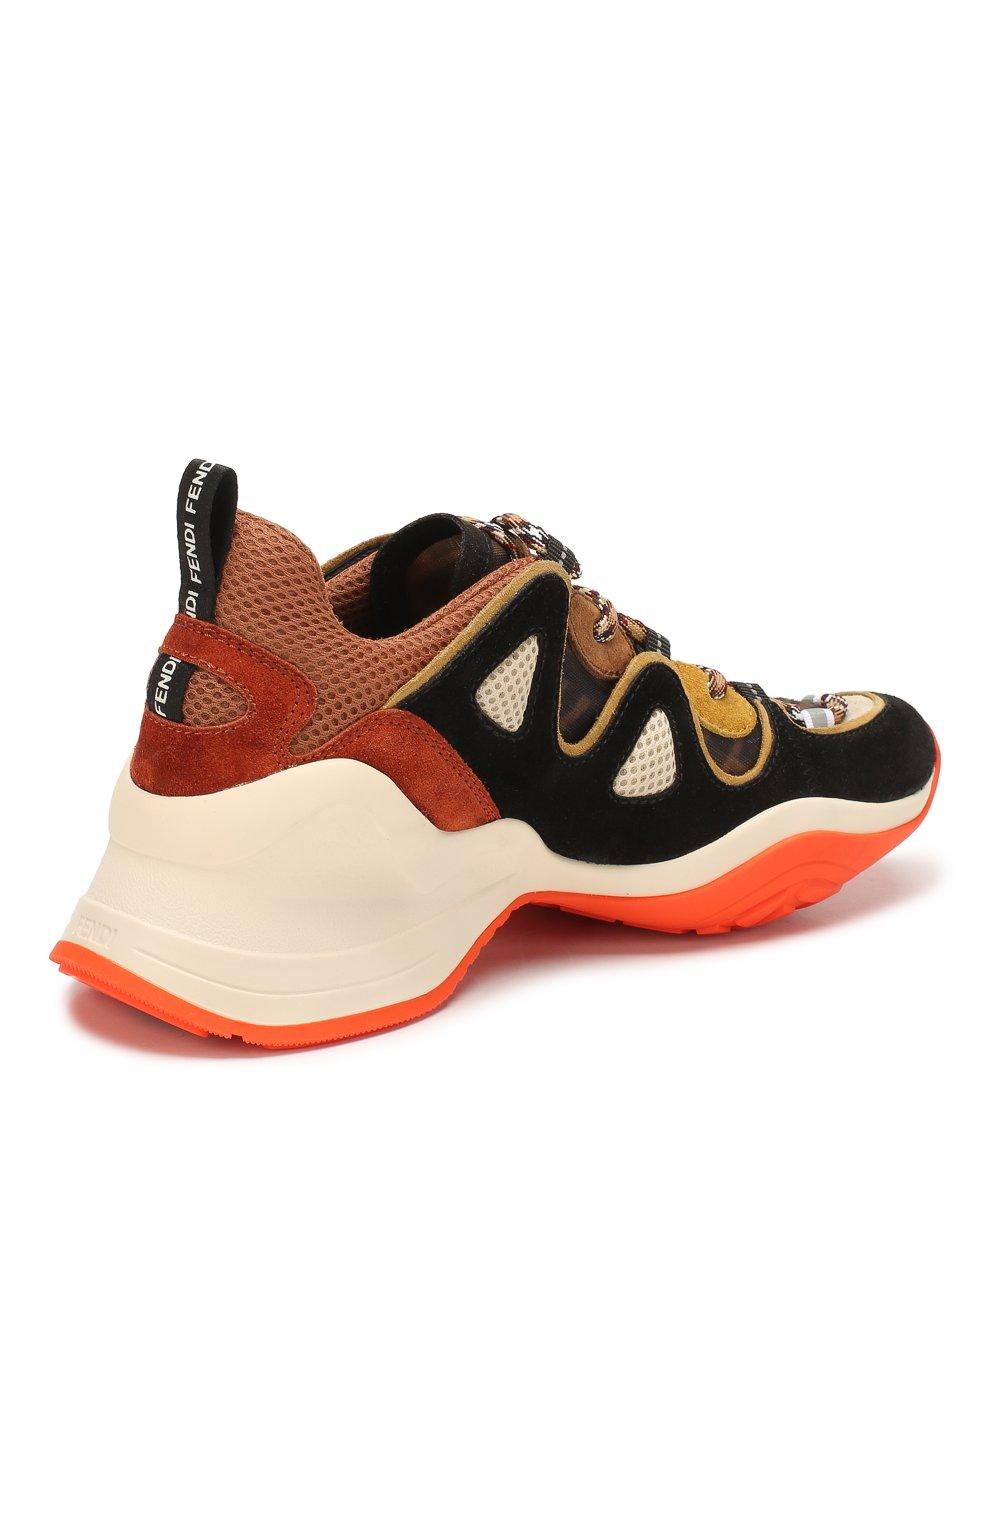 Женские комбинированные кроссовки FENDI разноцветного цвета, арт. 8E7043 A8P5 | Фото 4